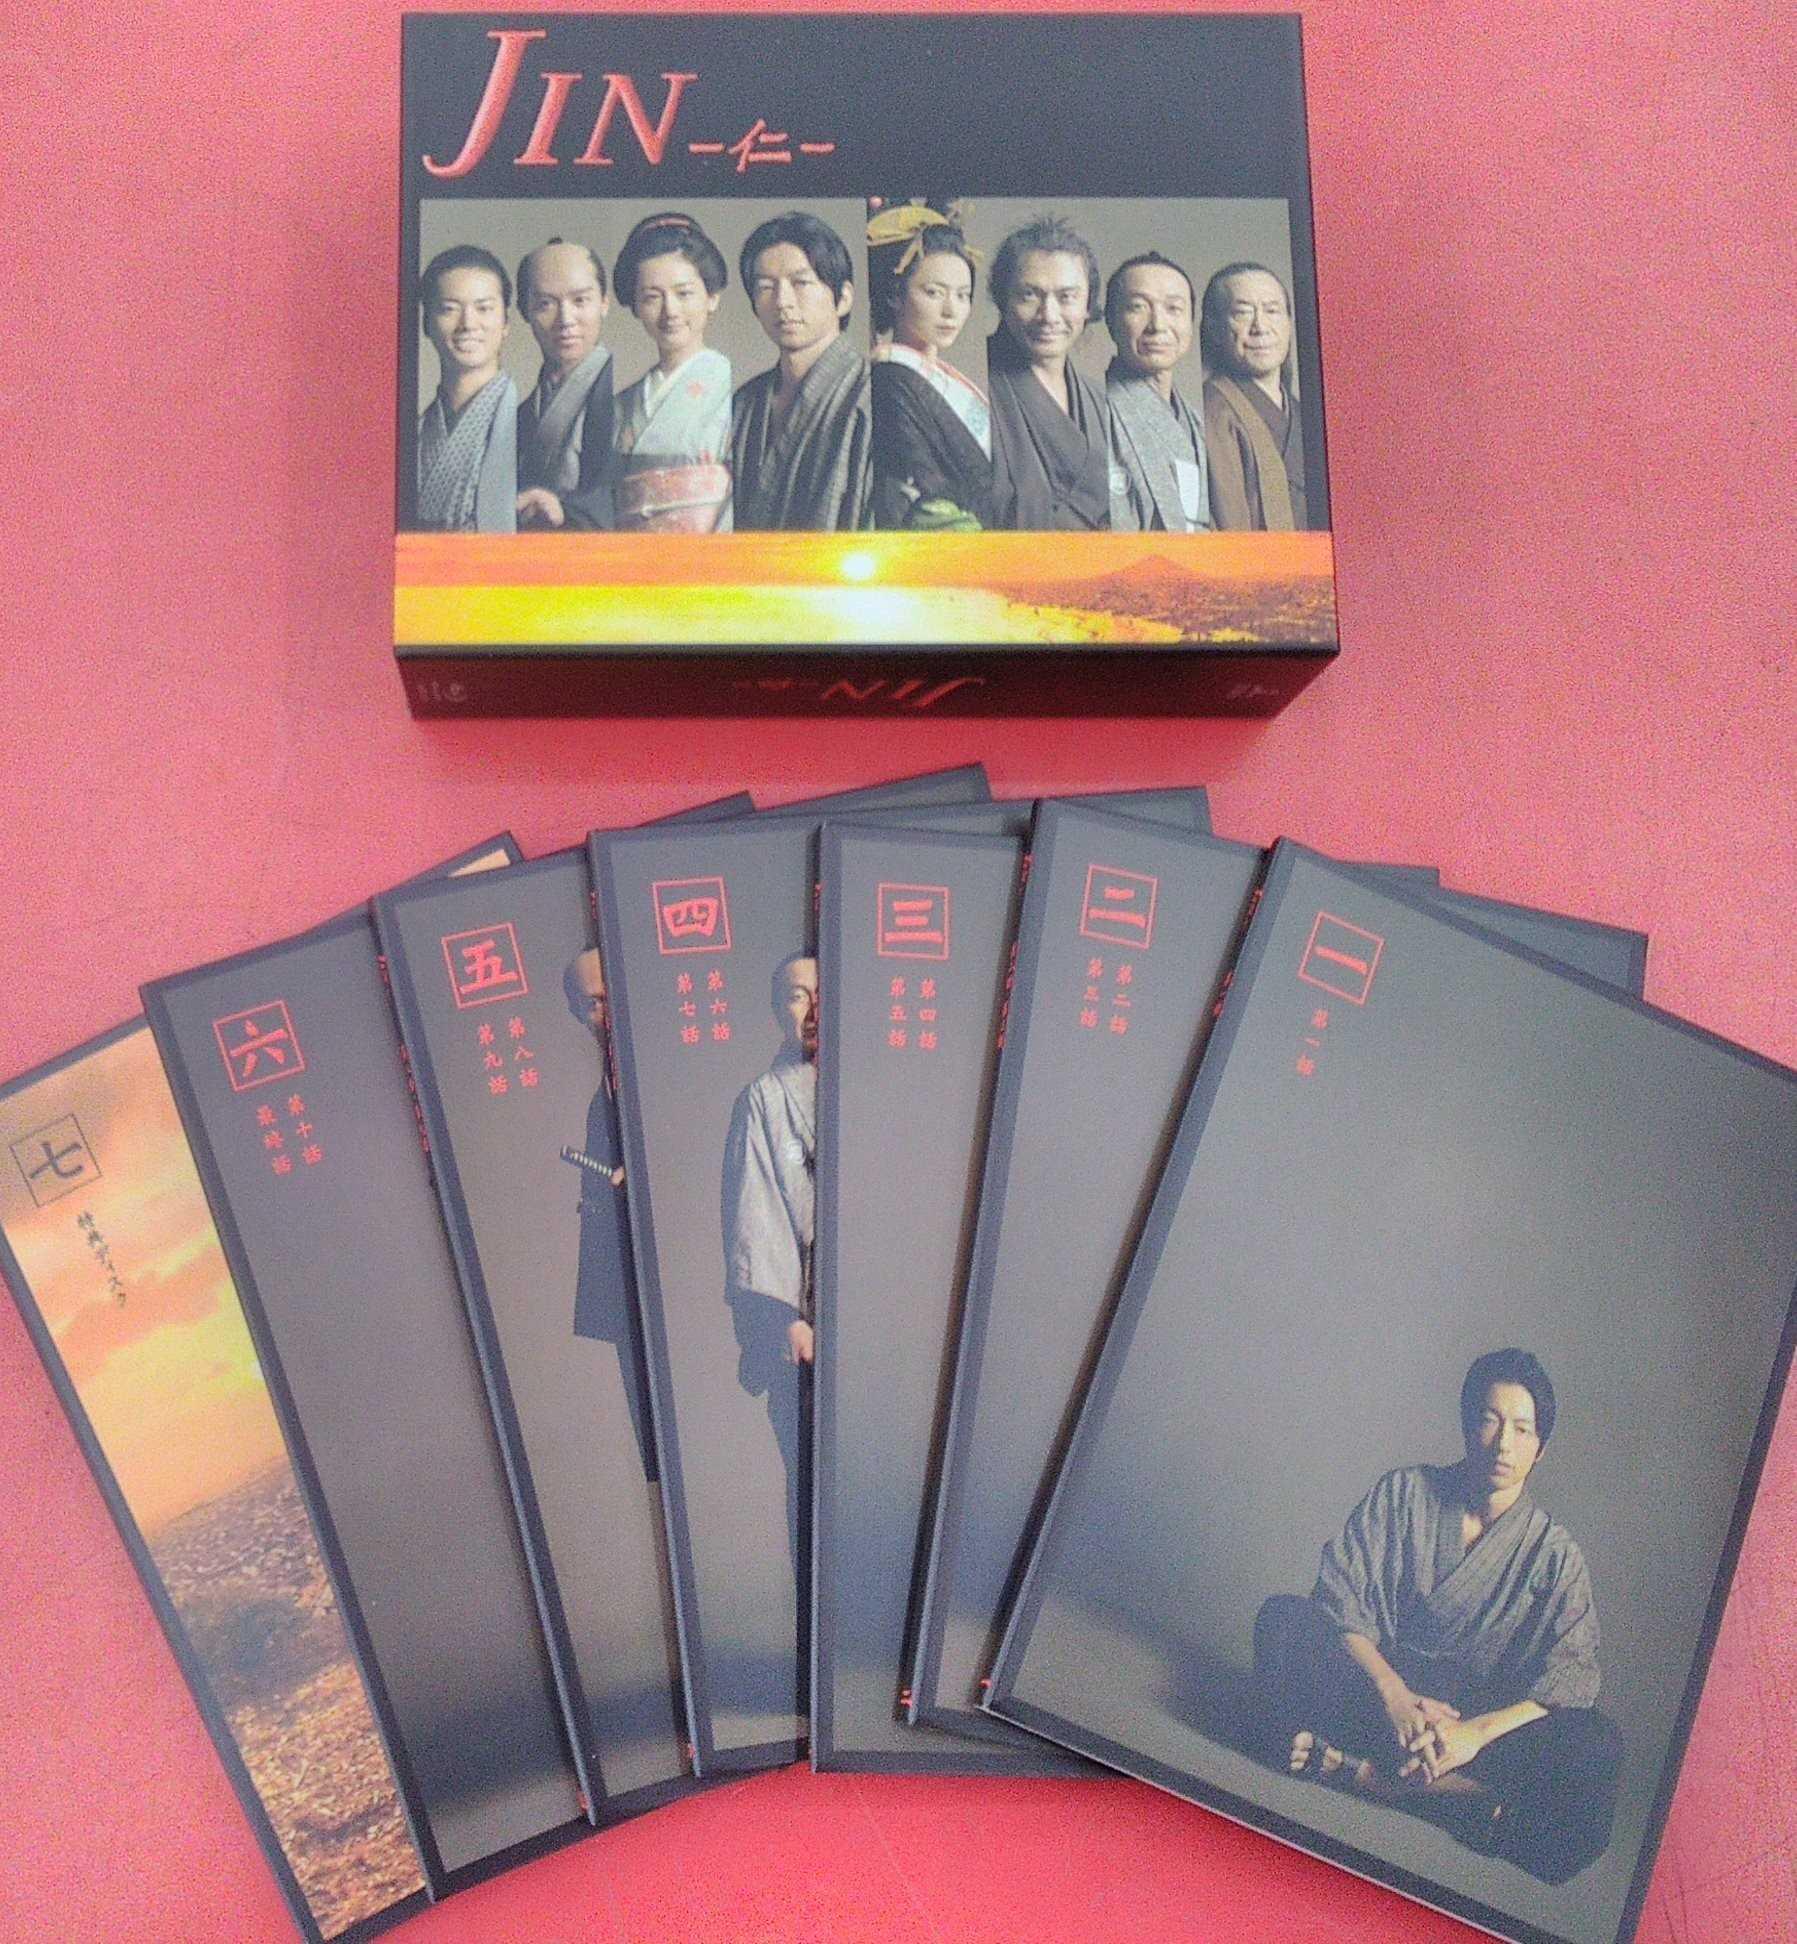 ブルーレイソフト JIN-仁-|TBS